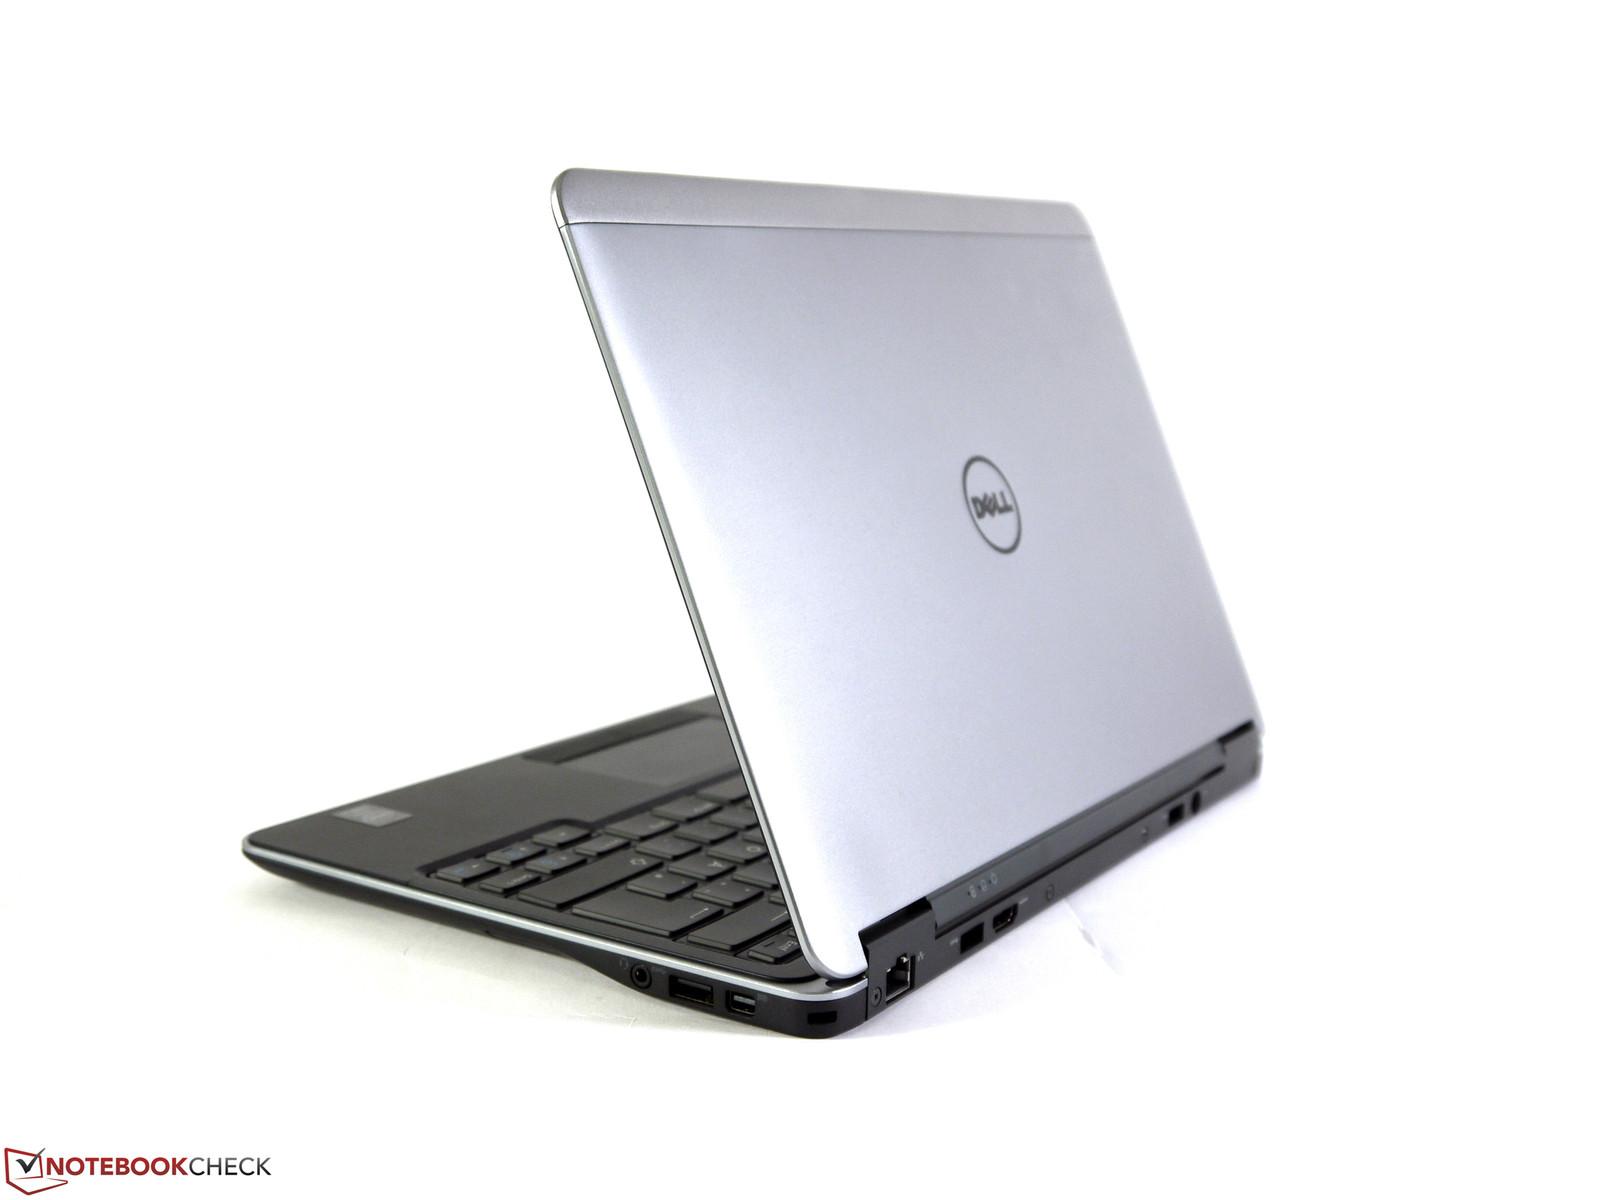 Courte Critique Du PC Portable Dell Latitude E7240